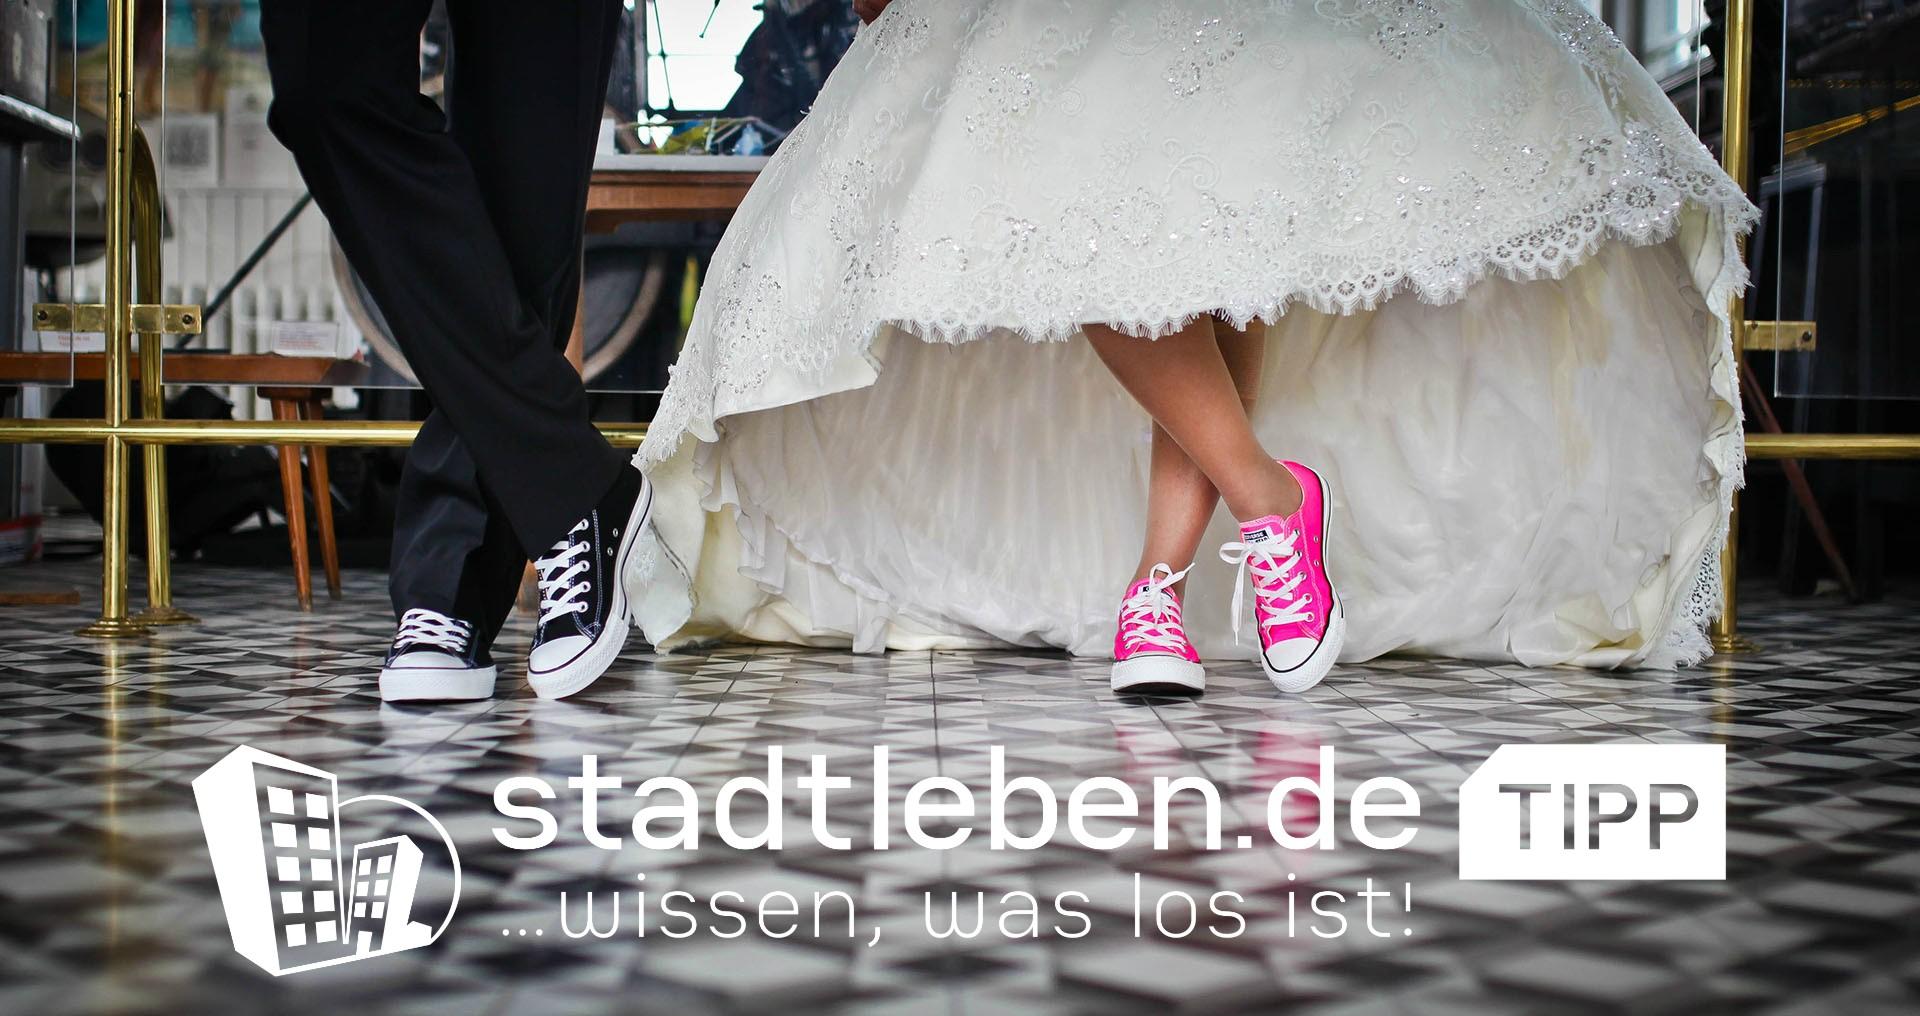 Alkohol, Drinks, Feier, Ausgehen, Party, Mann, Frau, Heiraten, Spielen, Alkohol, Nacht, Braut, Hochzeit